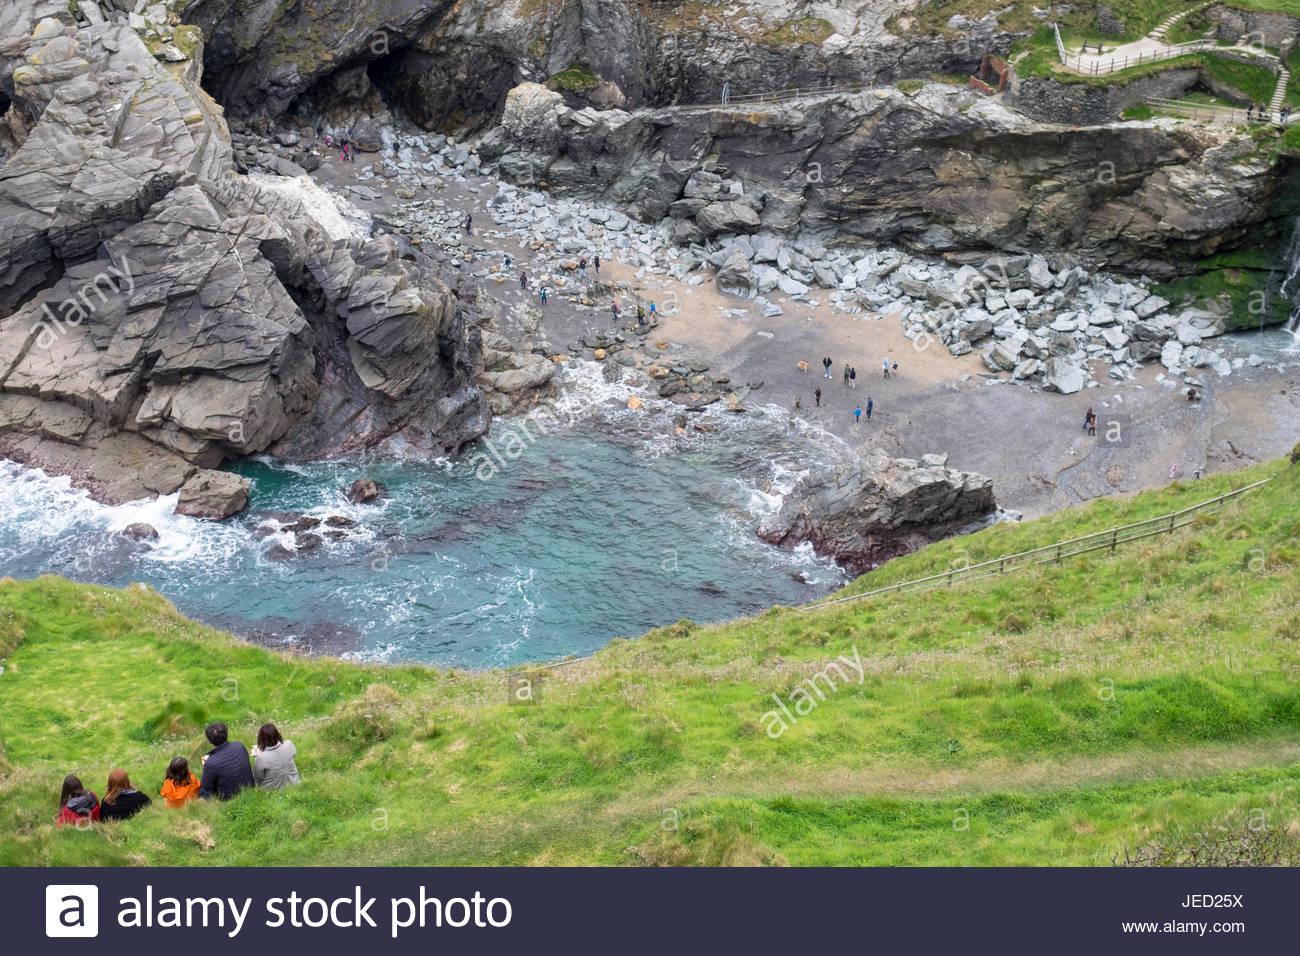 merlins-cove-merlins-cove-beach-cornwall